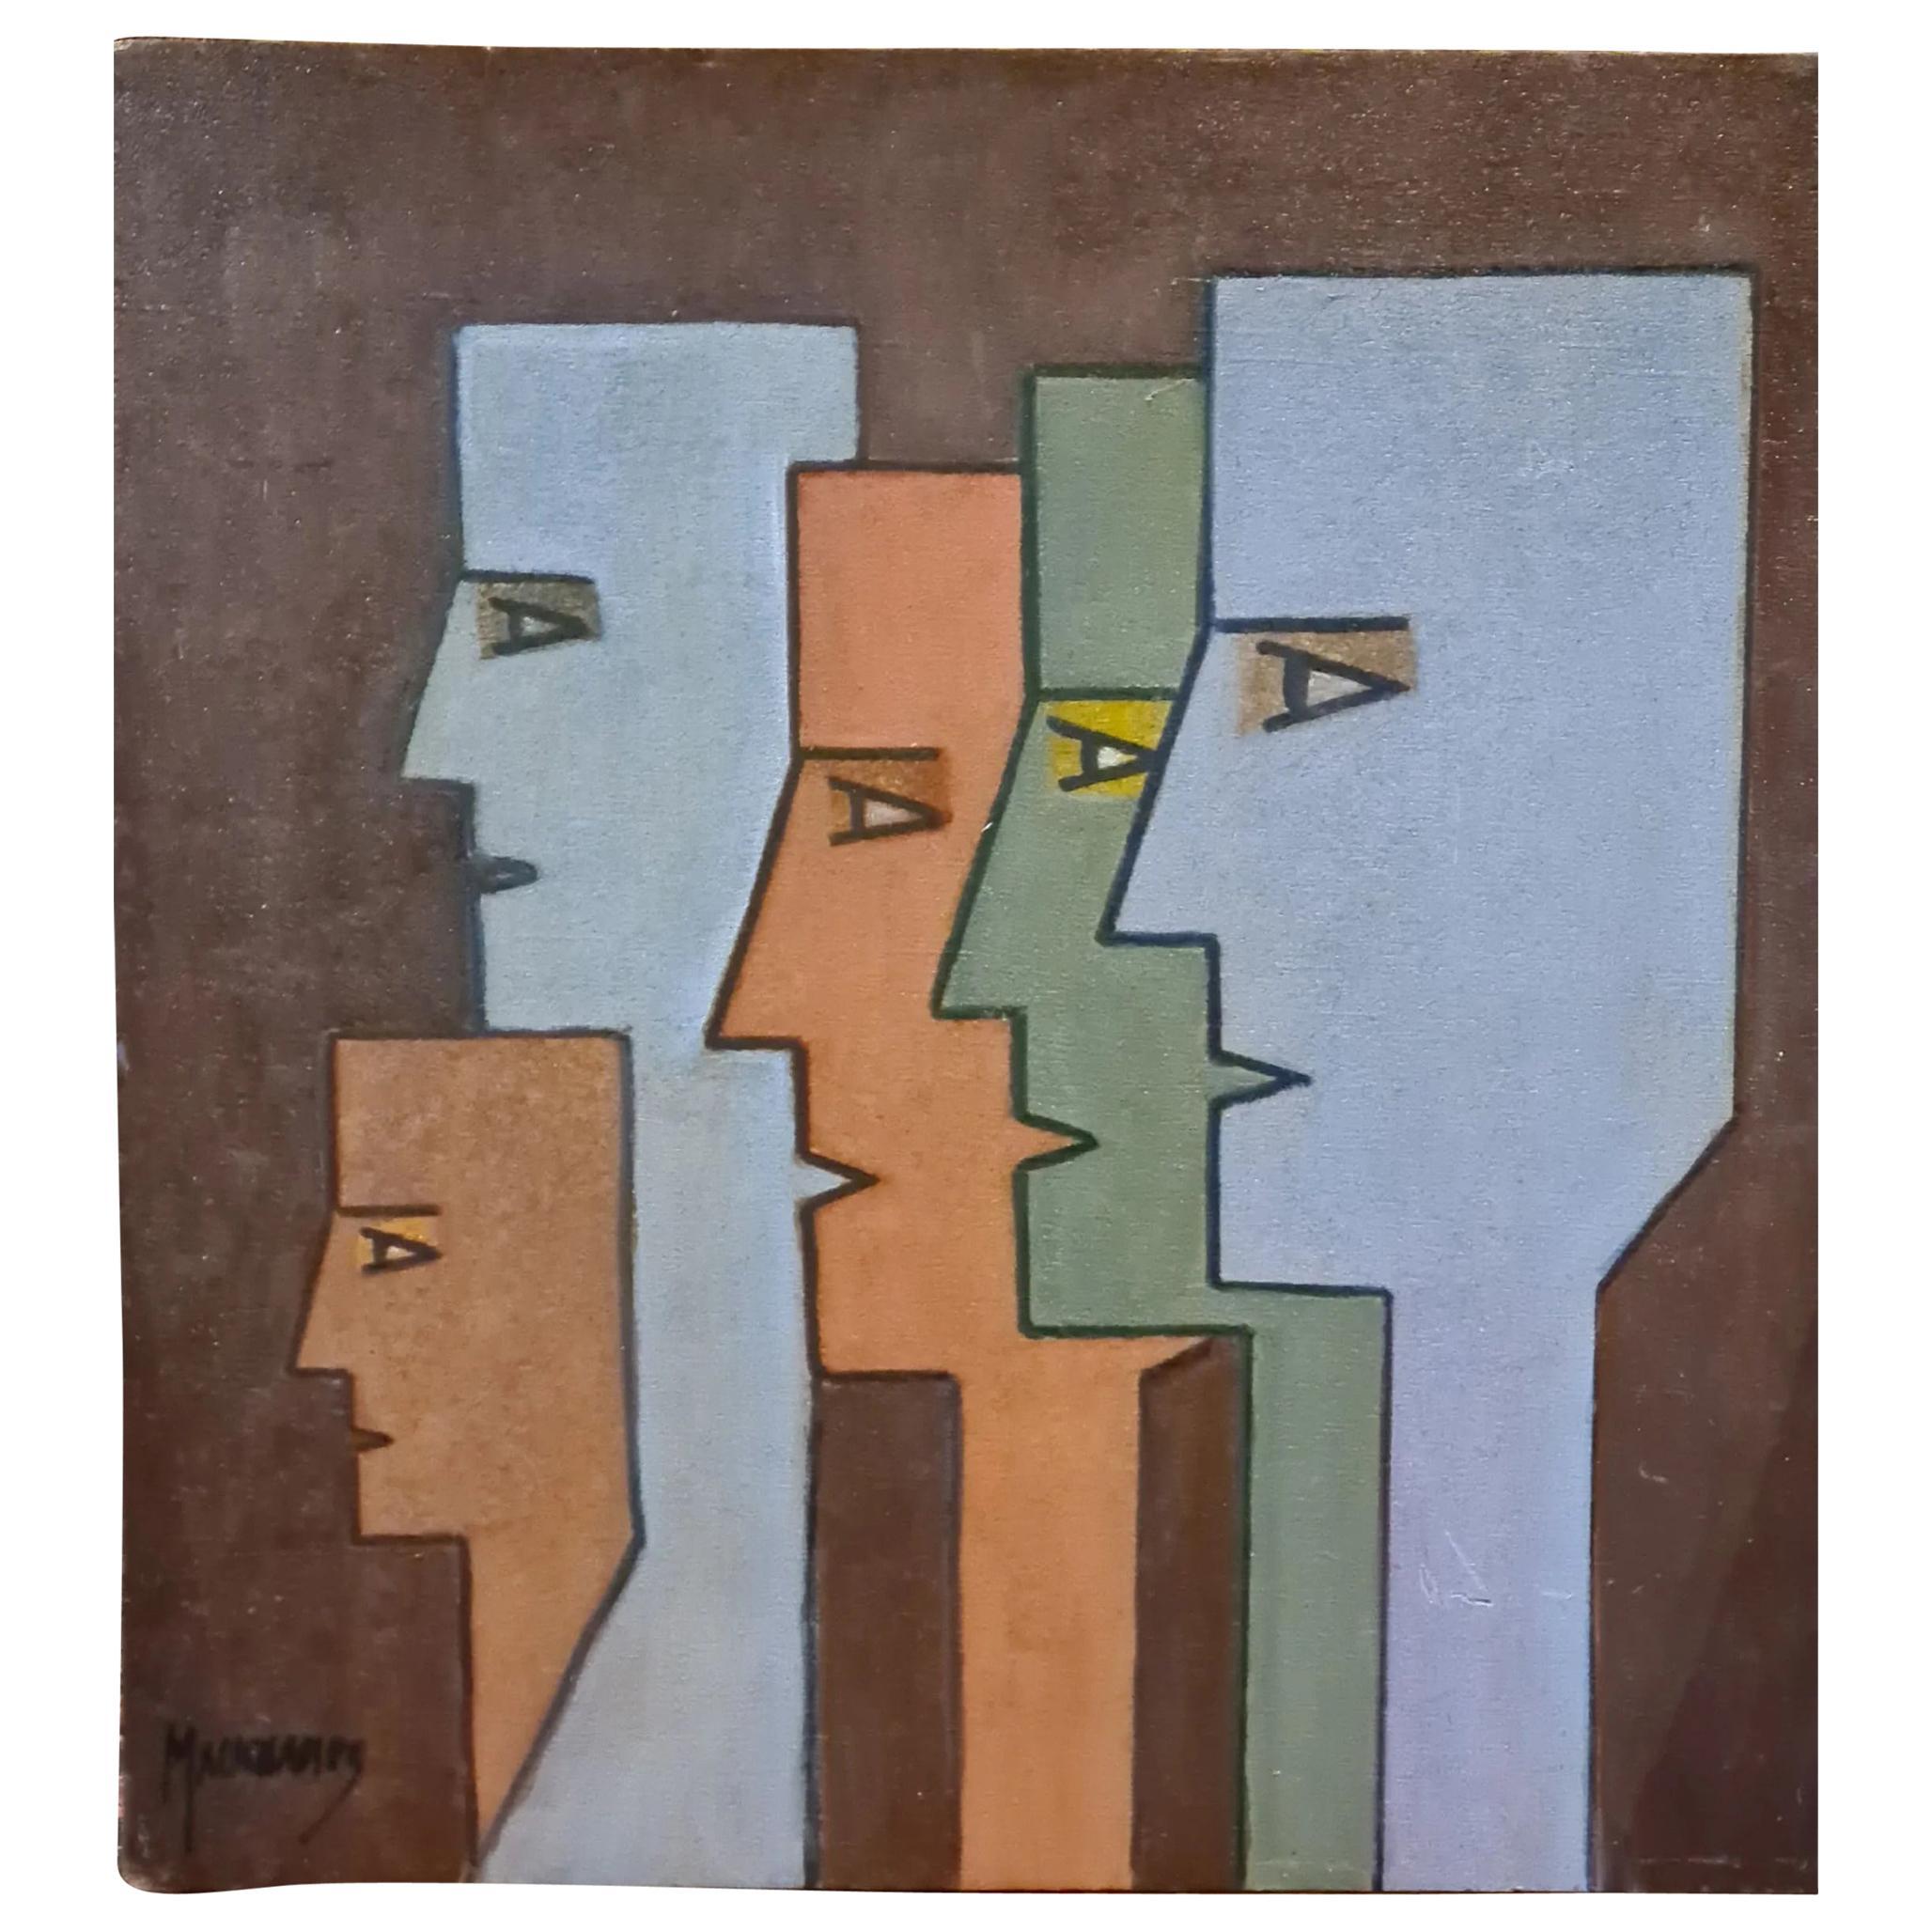 Raymond Mauchamps 'XX-XXI' Composition Aux 5 Visages